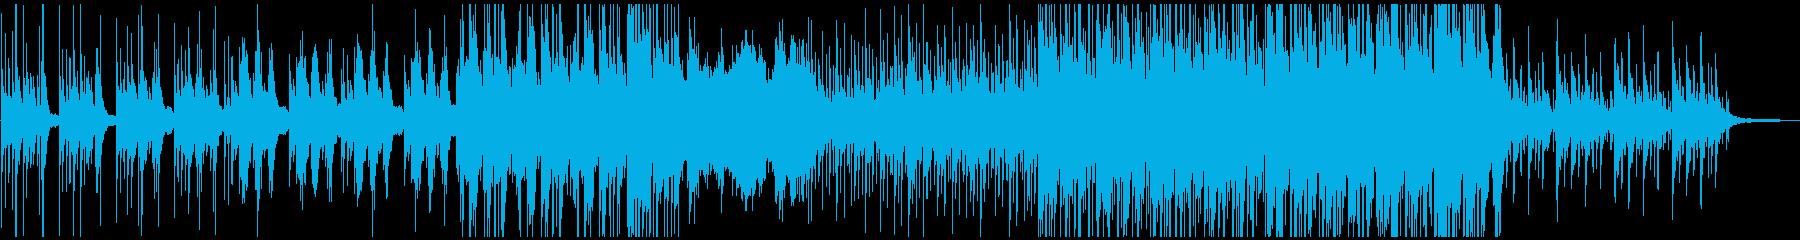 ピアノインスト/悲しい/不思議/和/異国の再生済みの波形